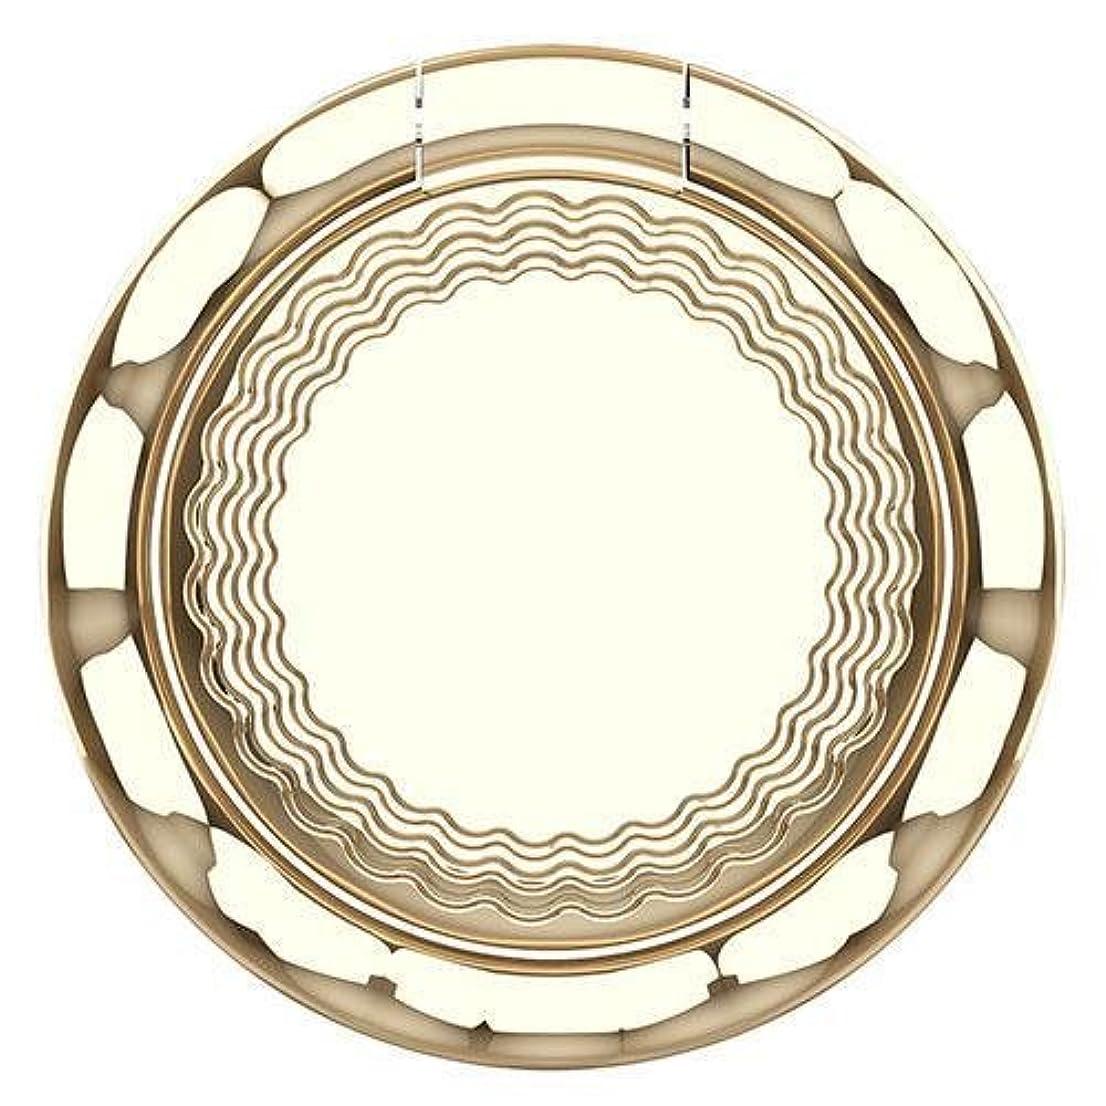 悪魔居間カスタムAL 波状デザイン亜鉛合金 フィンガーリング ホルダー スタンド 360度回転 マウント ゴールド AL-AA-2314-GD